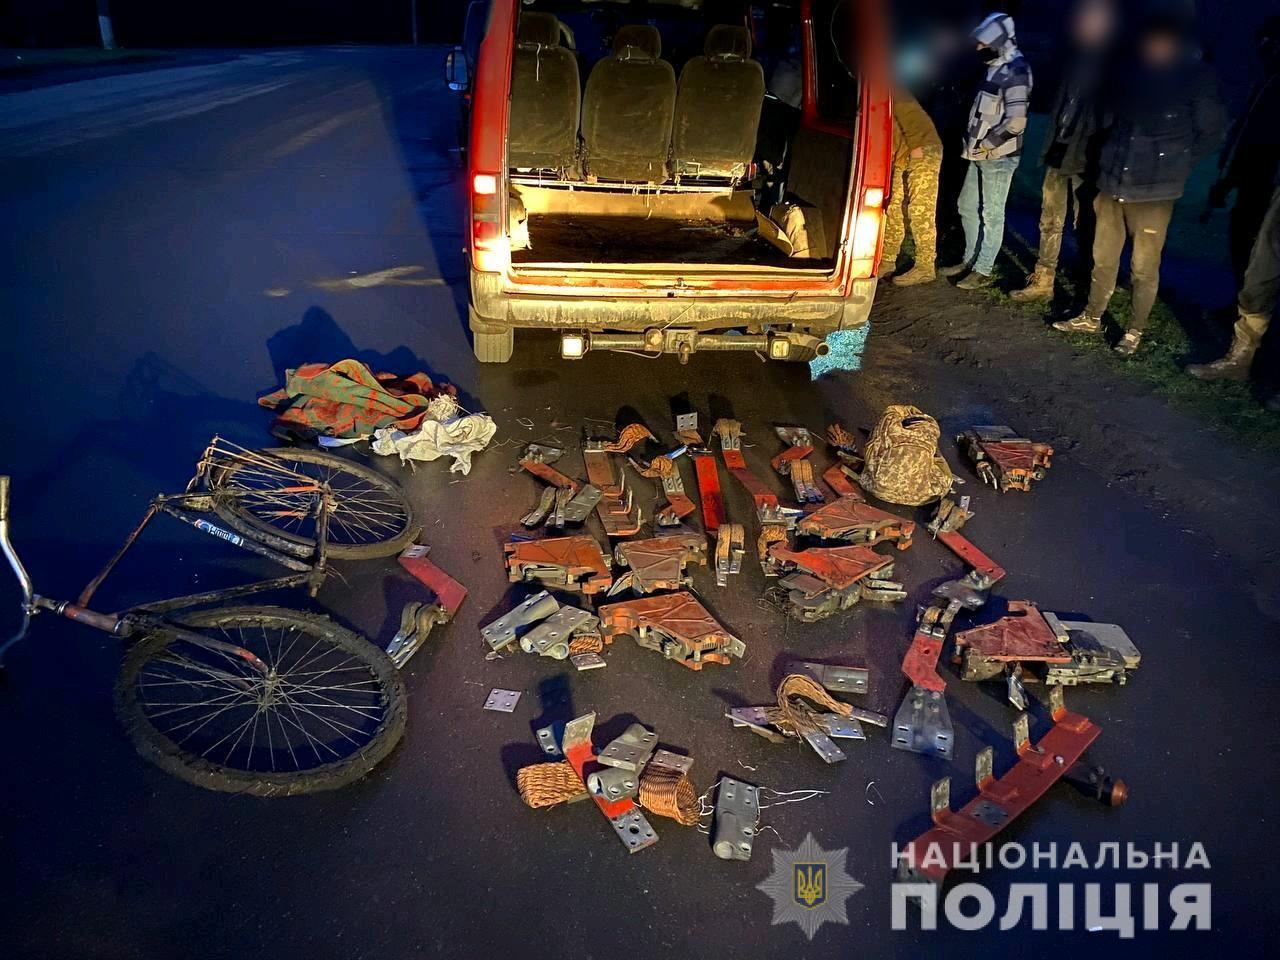 На Днепропетровщине задержали преступную группу за серию краж с предприятия, которое имеет стратегическое значение для экономики и безопасности государства